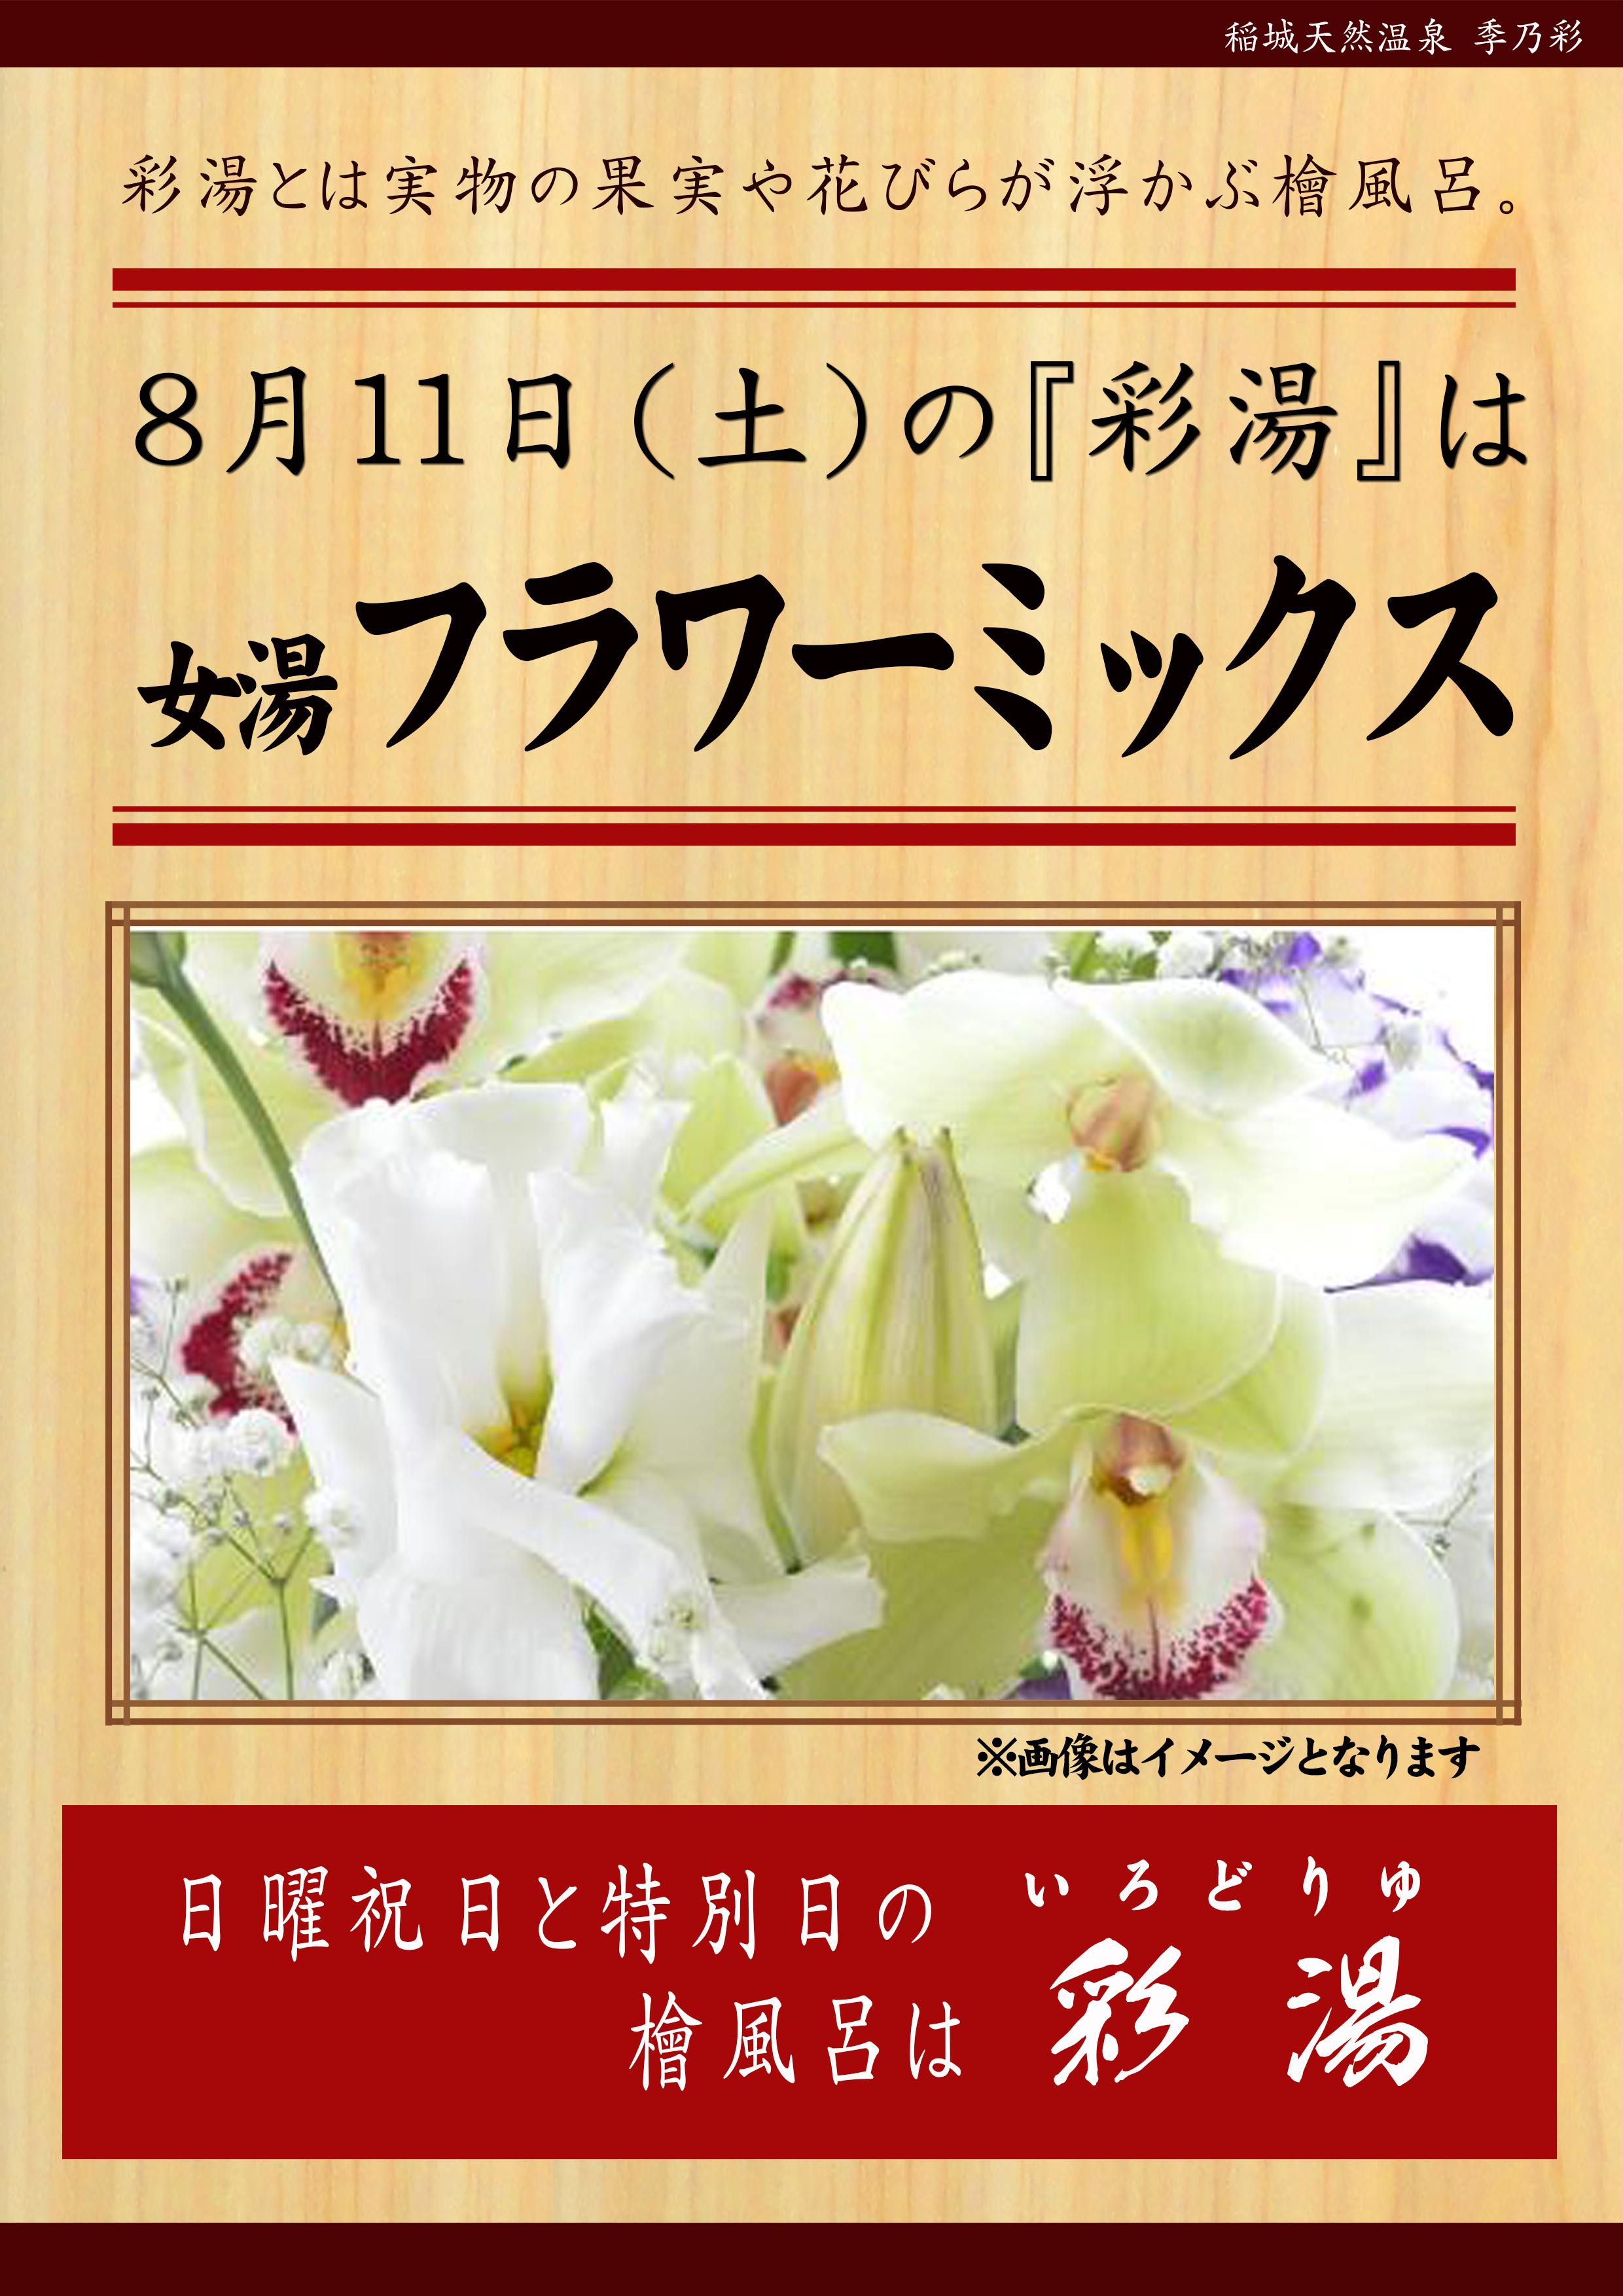 20180811POP イベント 彩湯 女湯 フラワーミックス